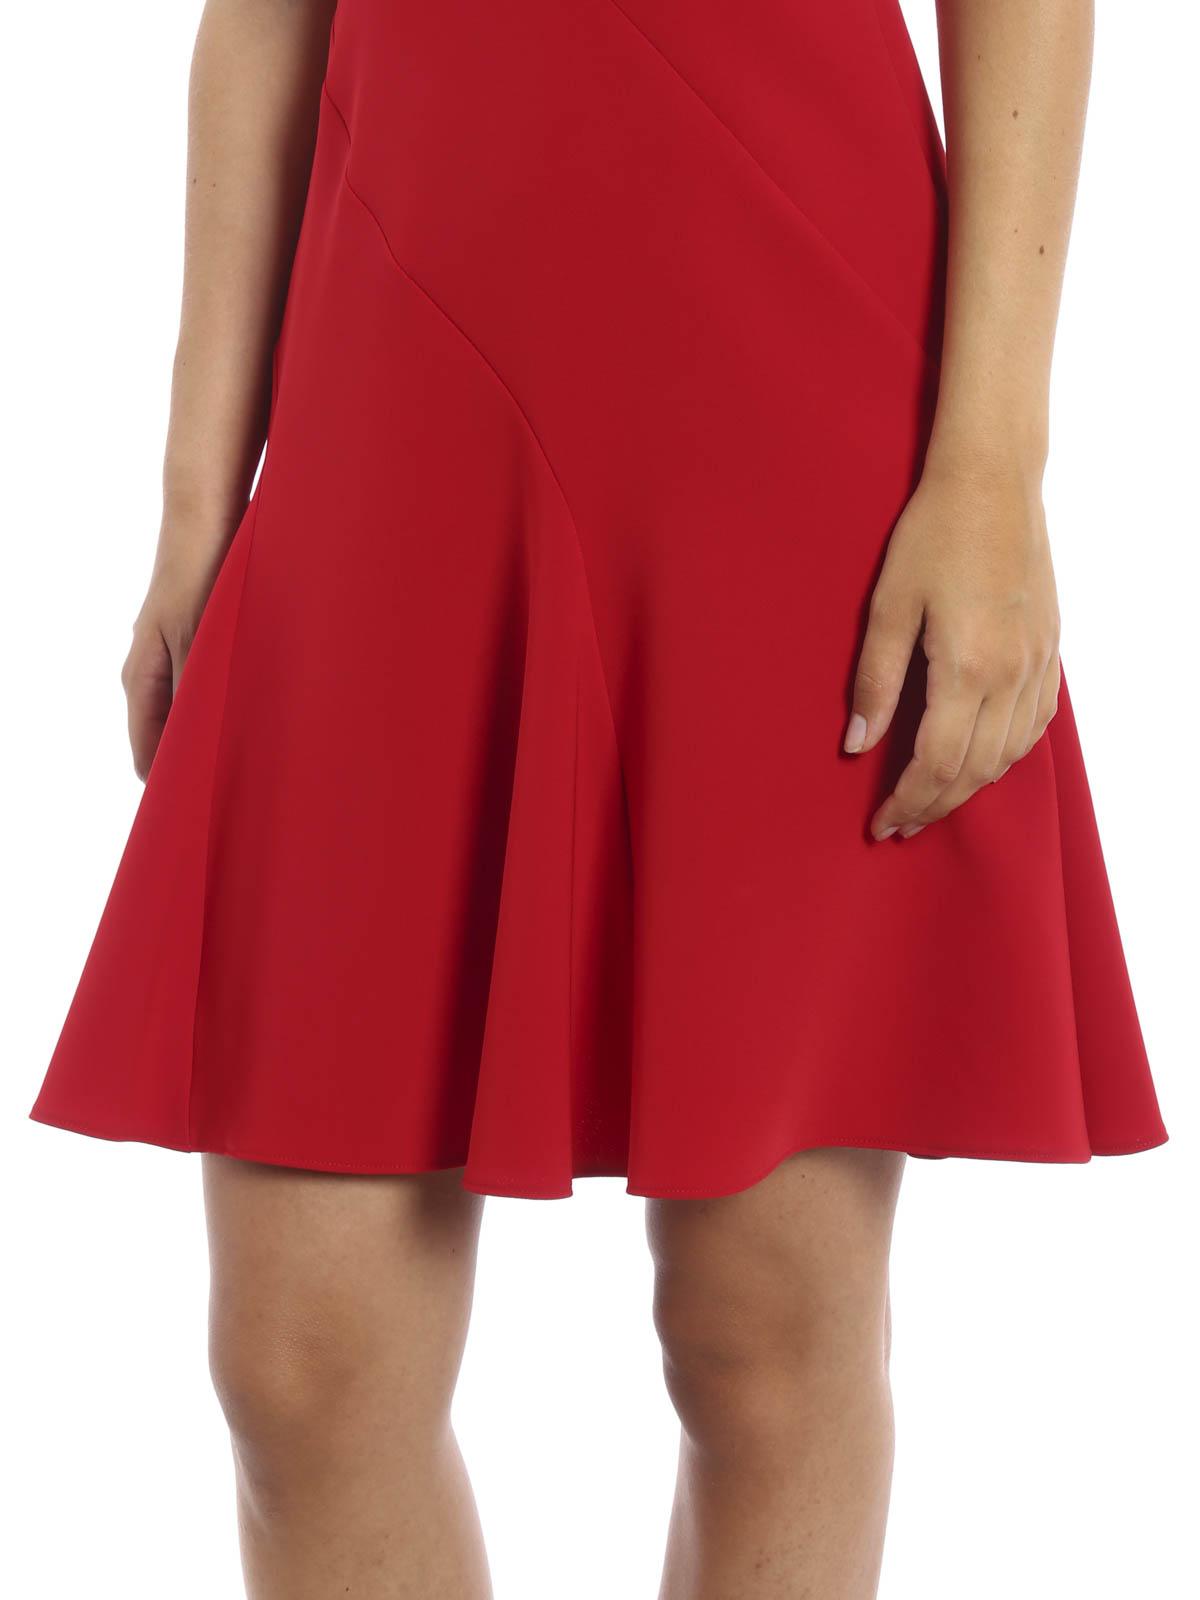 Cocktailkleid - Rot von Moschino Boutique - Cocktailkleider | iKRIX